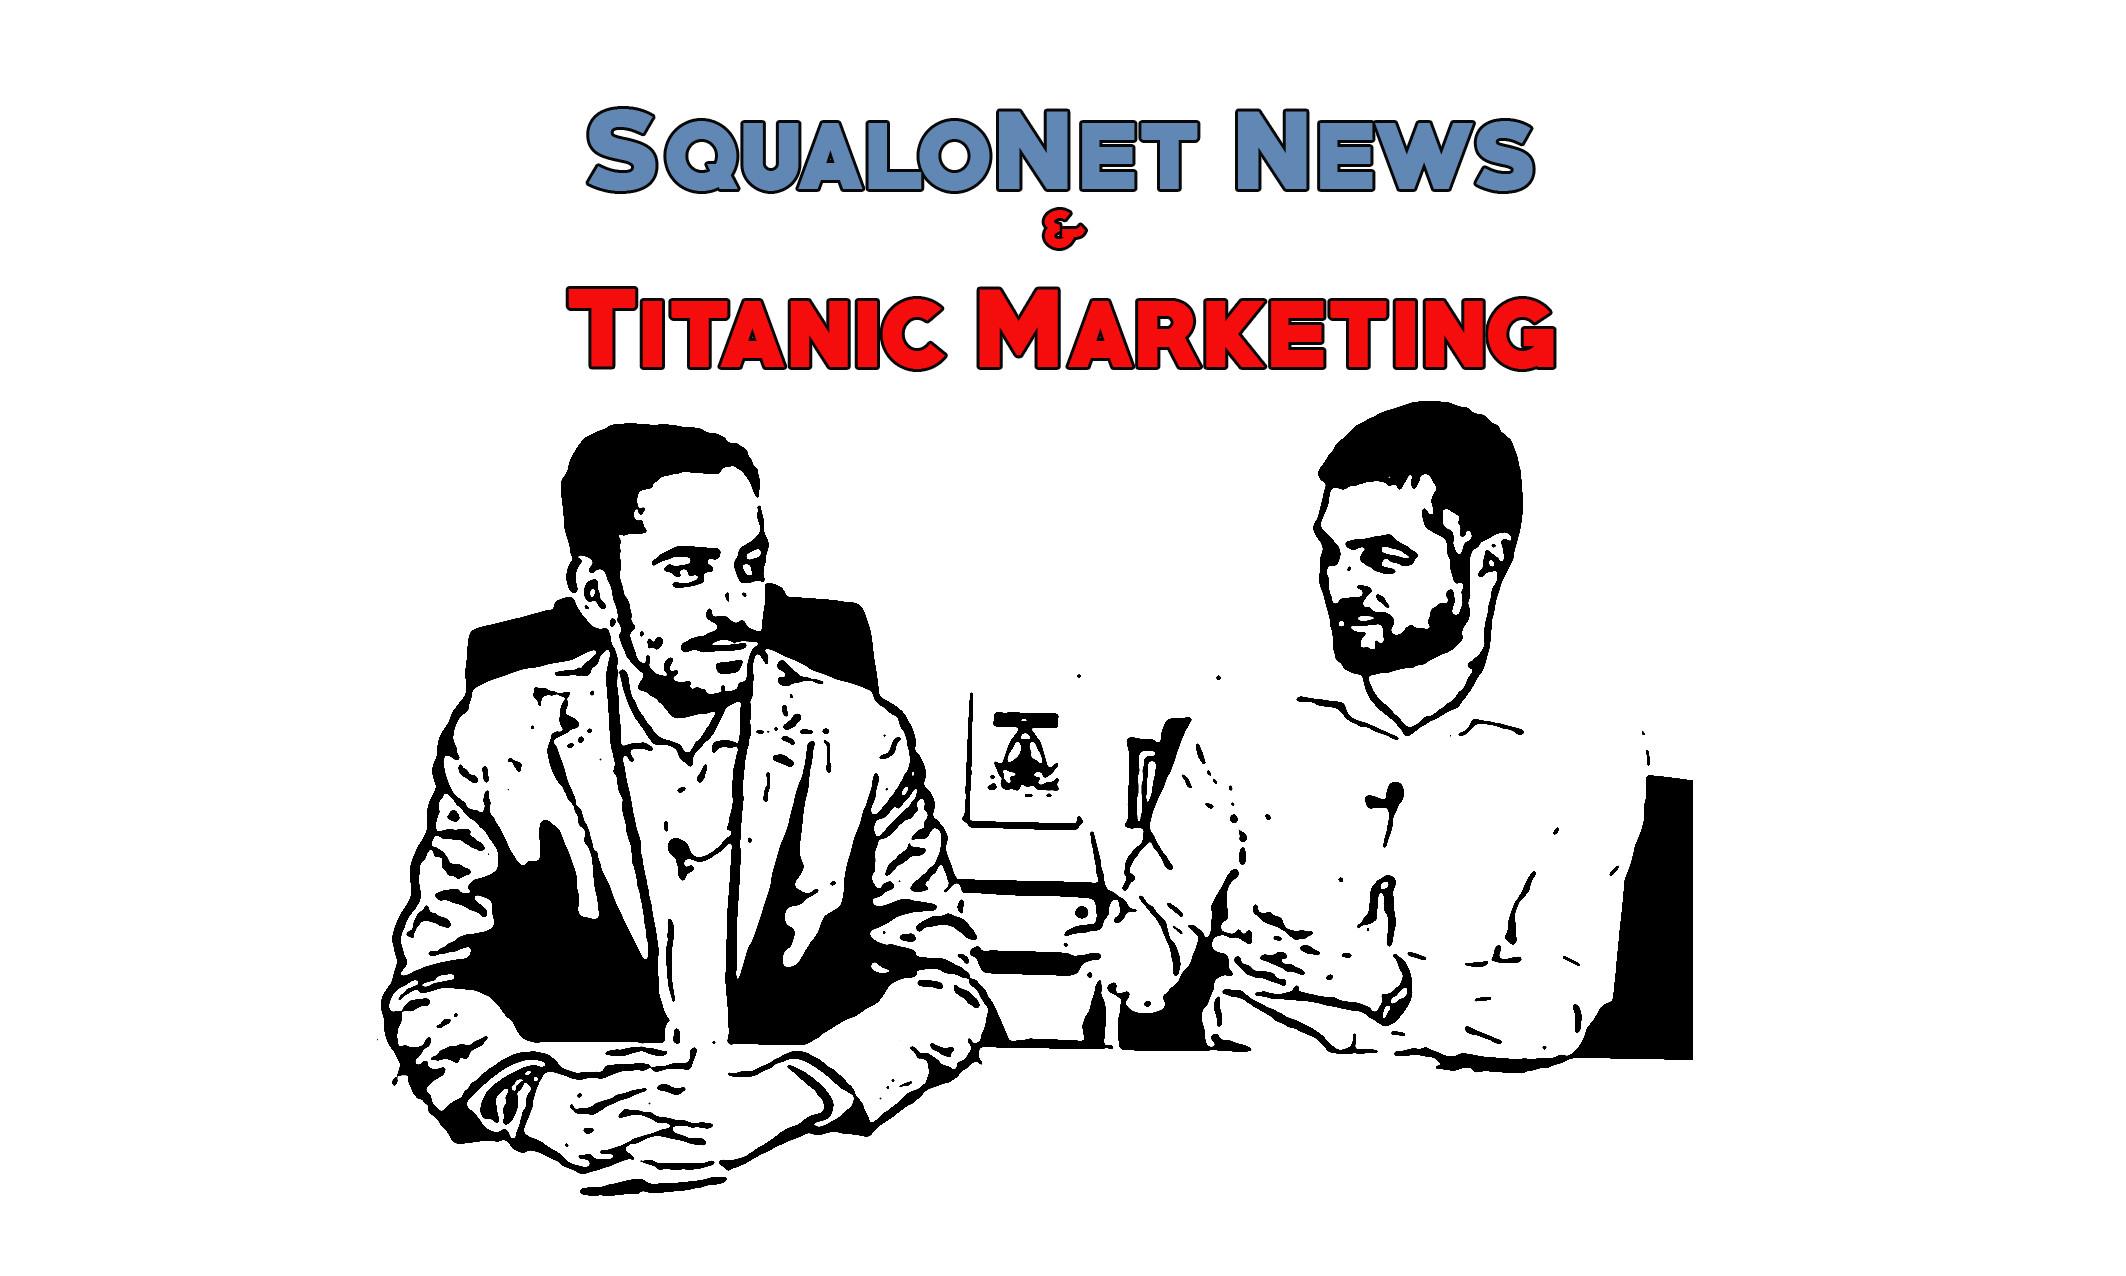 Edizione Straordinaria! SqualoNet News Speciale Titanic Marketing!